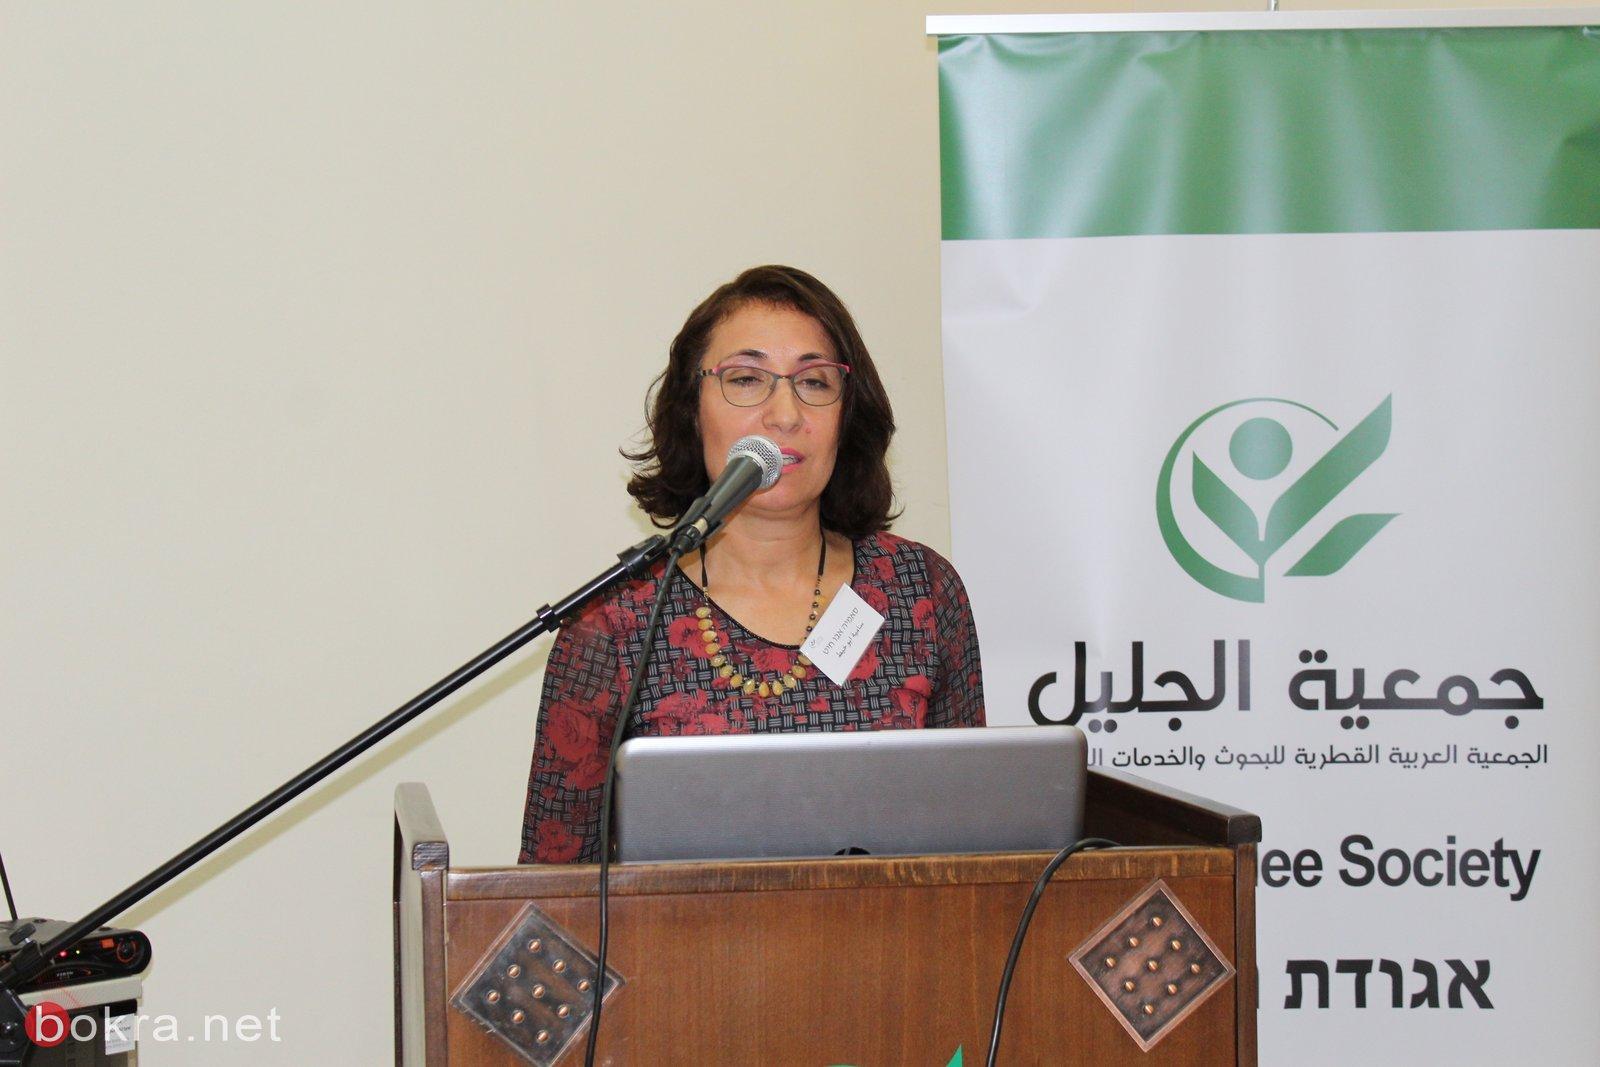 جمعية الجليل تطلق مؤتمرها العلمي السنوي للعام 2019 -8